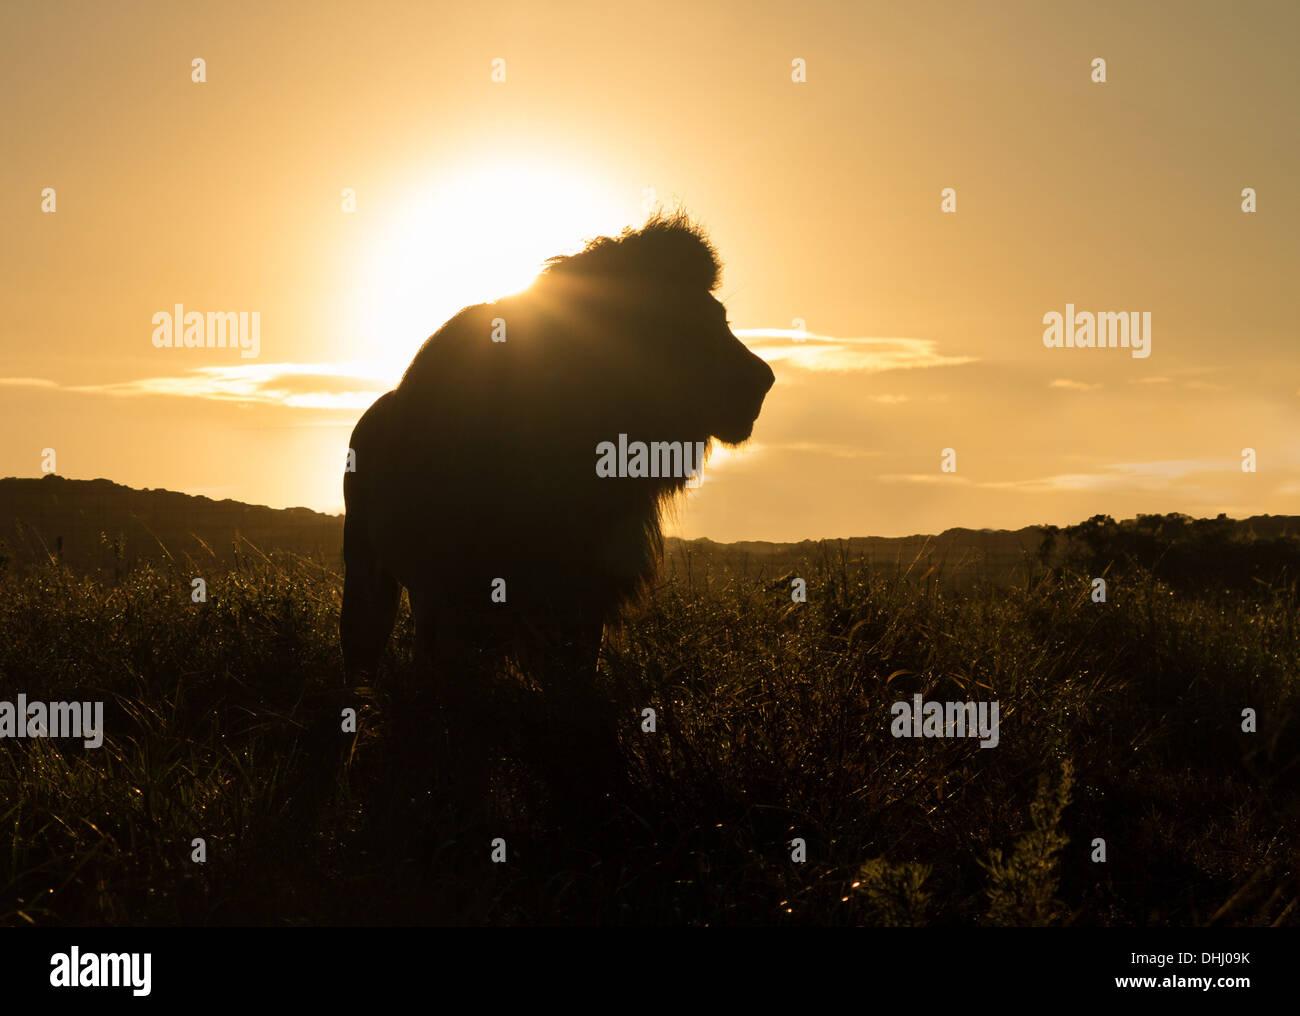 Silhouette di un vecchio grande maschio leone nella savana in Sud Africa al tramonto Immagini Stock